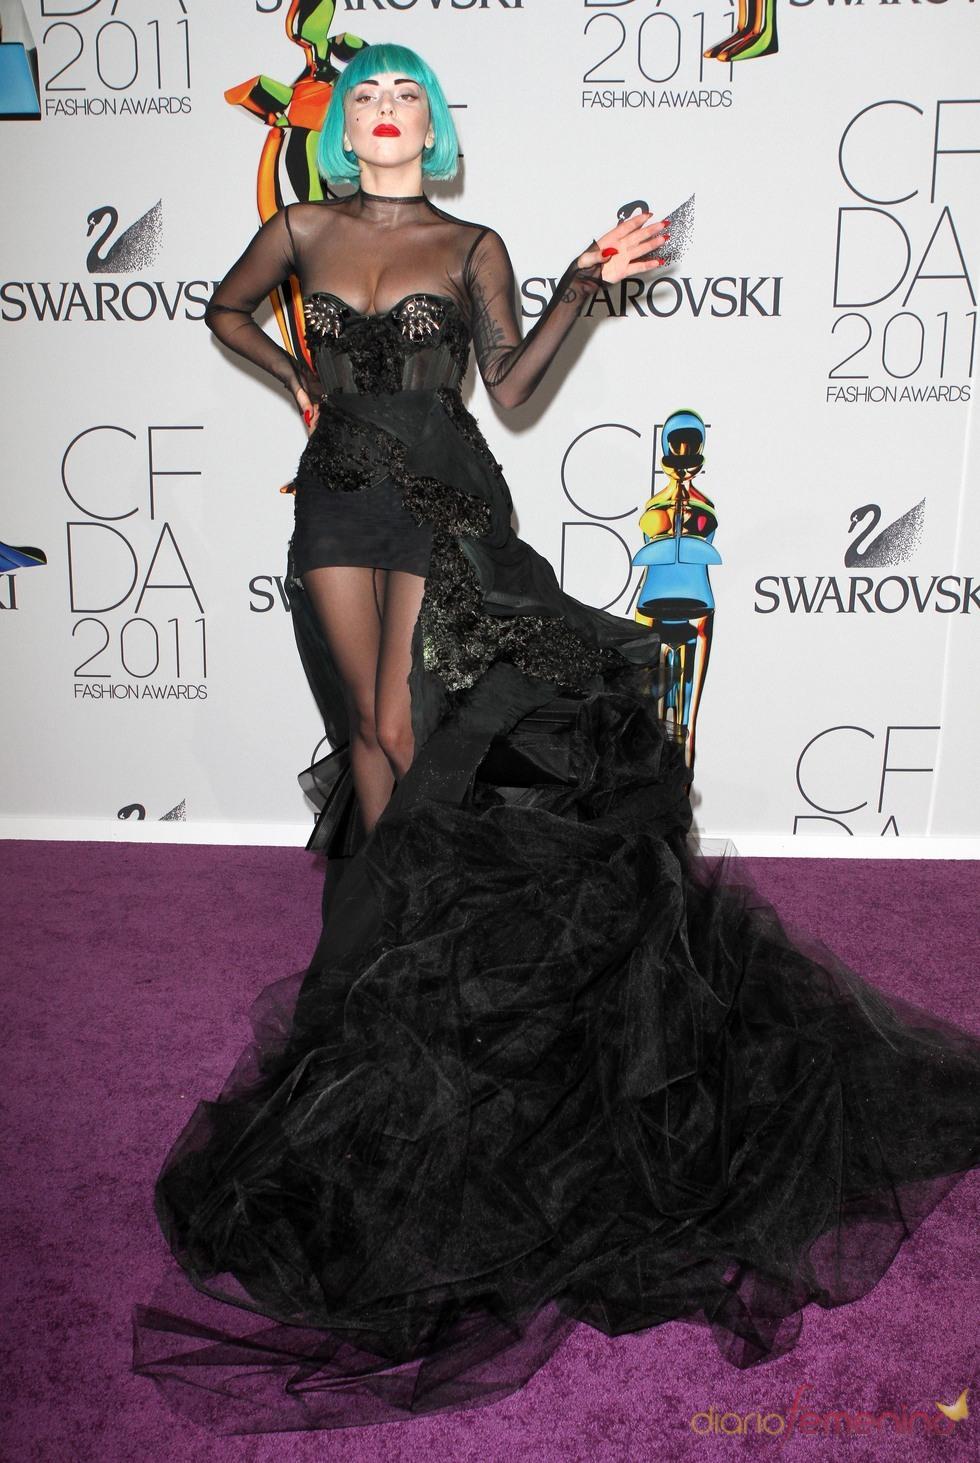 Lady Gaga en los Premios de Moda CFDA 2011 en Nueva York